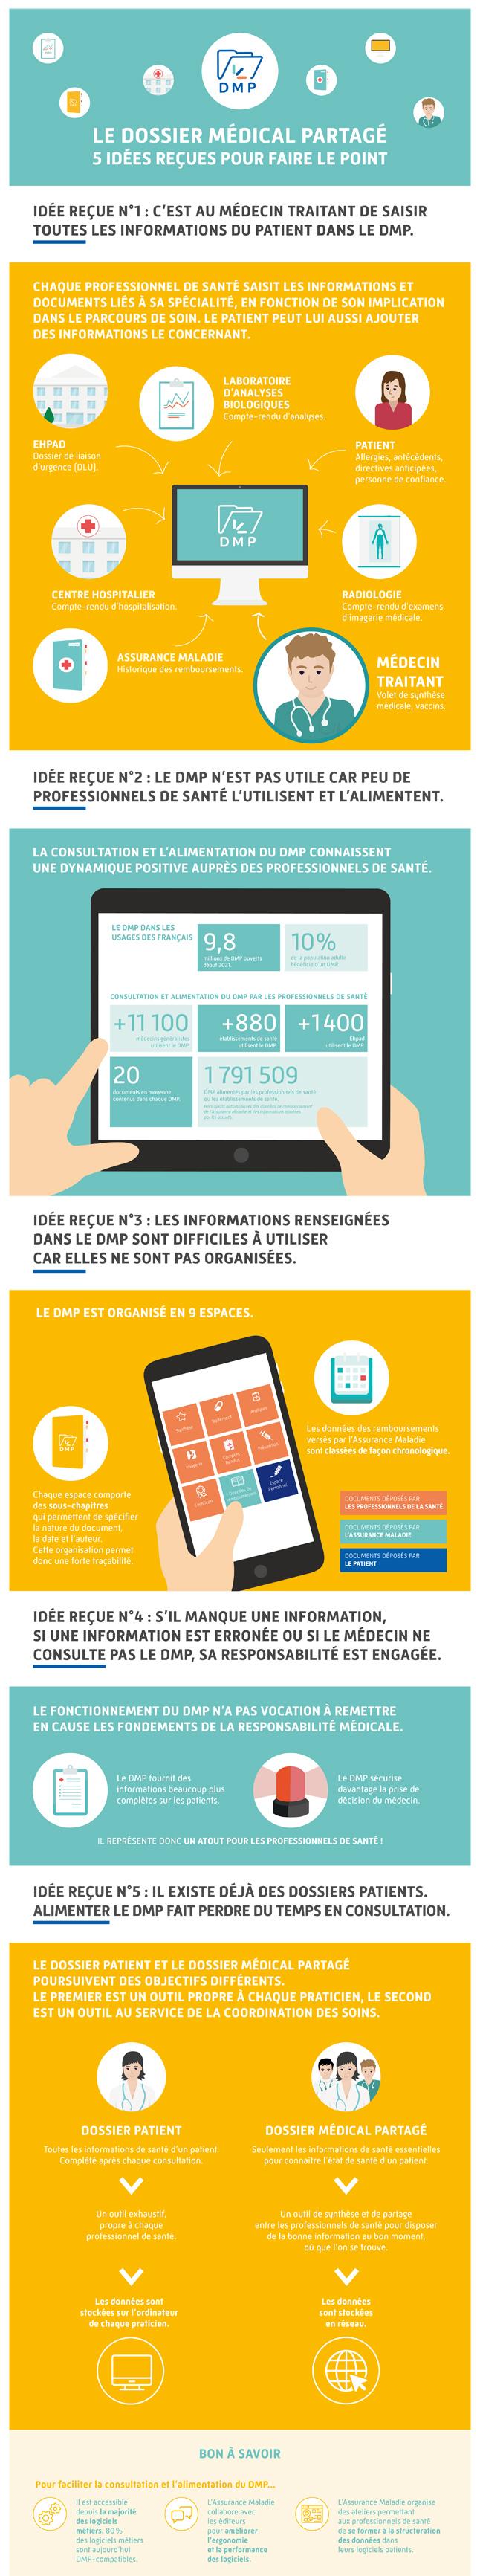 infographie_dmp-5-idees-recues.jpg